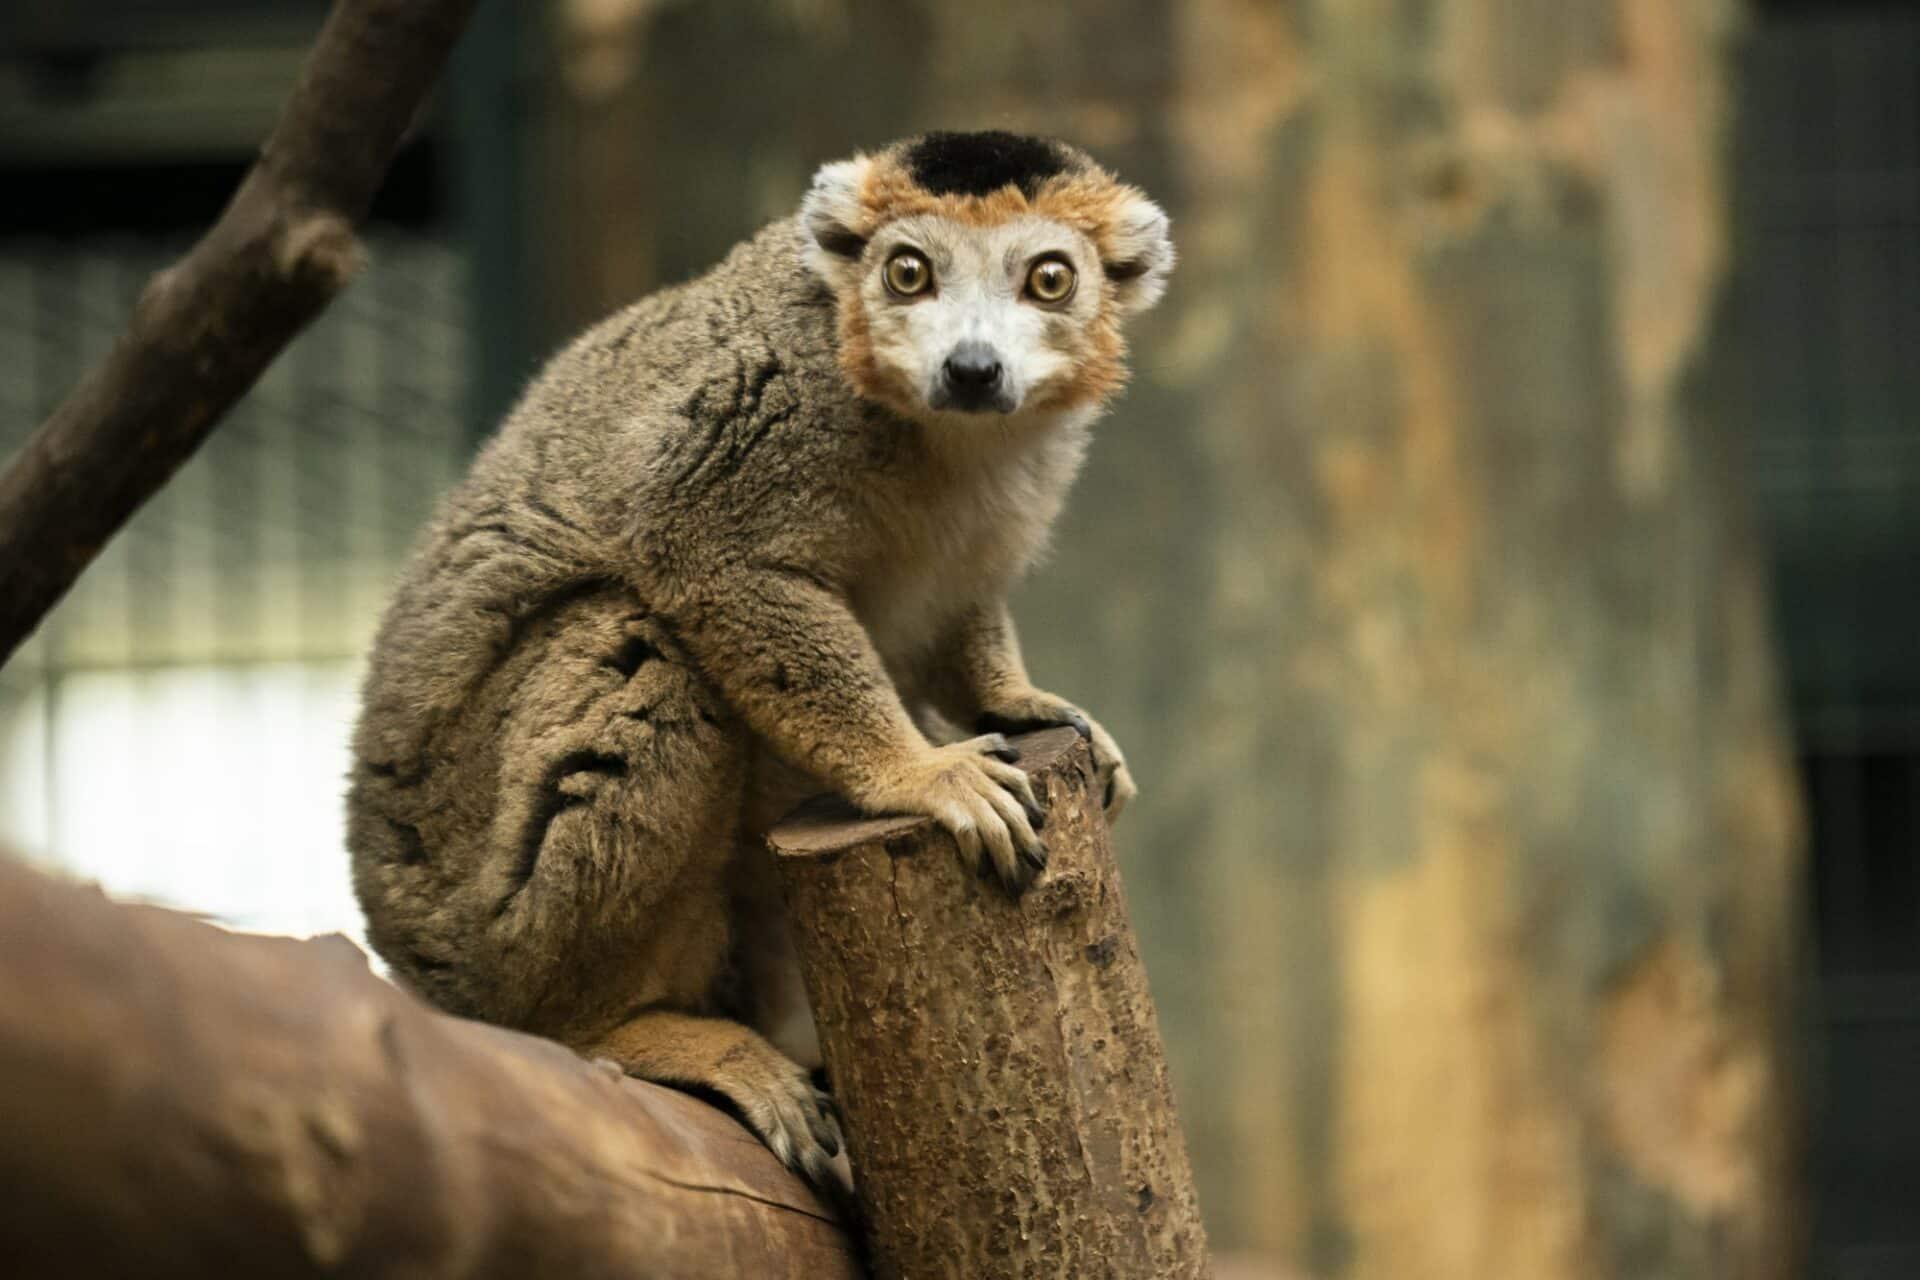 Credit Jason Brown Crowned Lemur Doowi 2